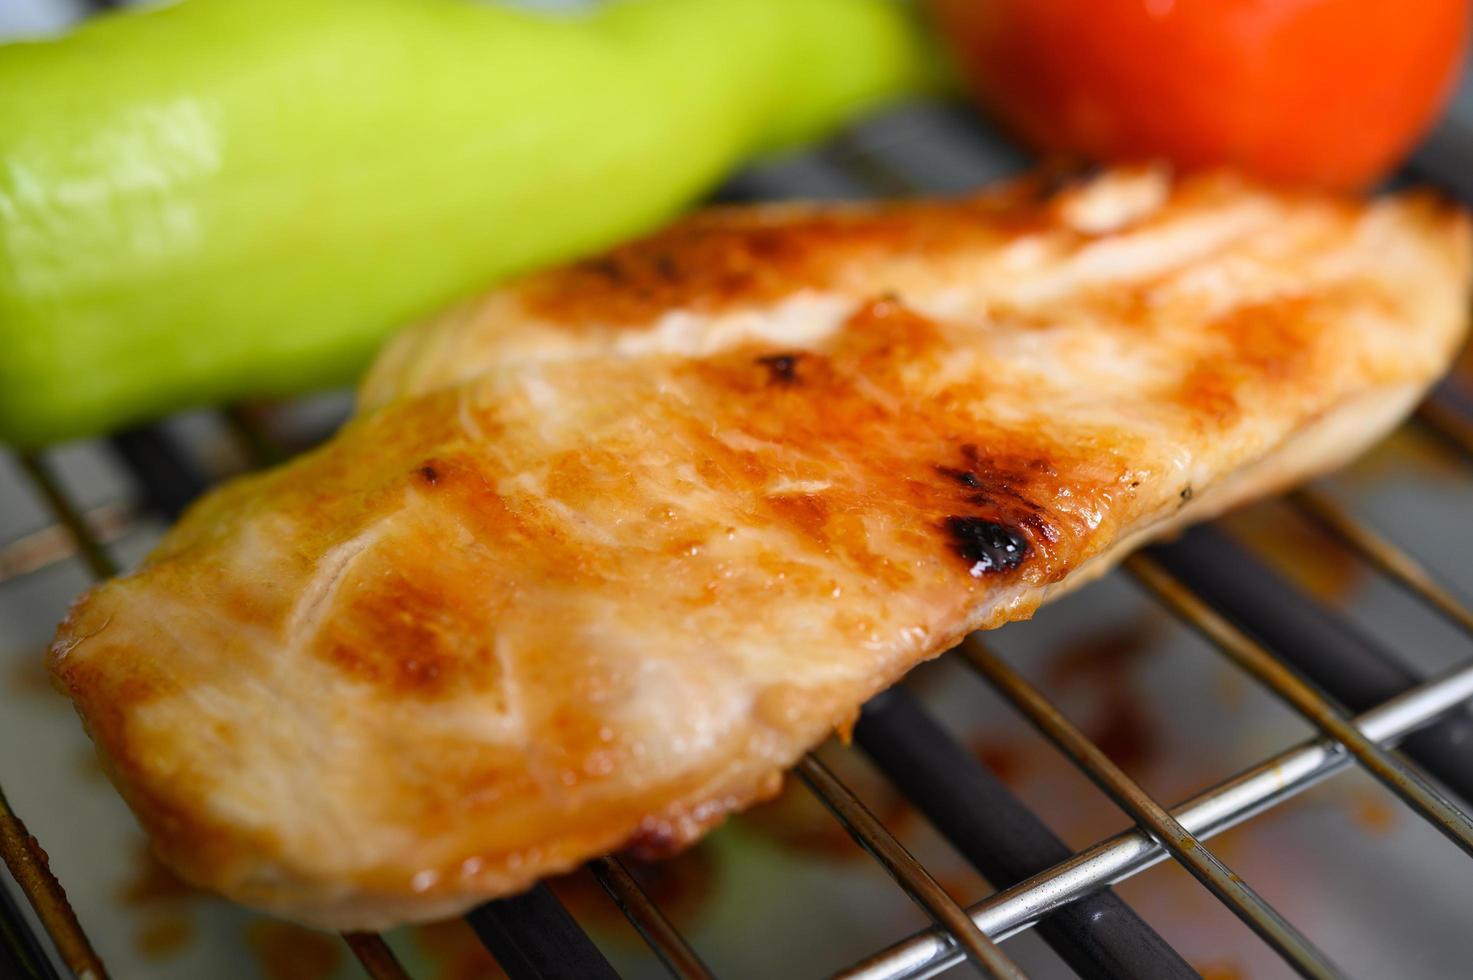 petto di pollo alla griglia su una griglia elettrica con paprika e pomodoro foto